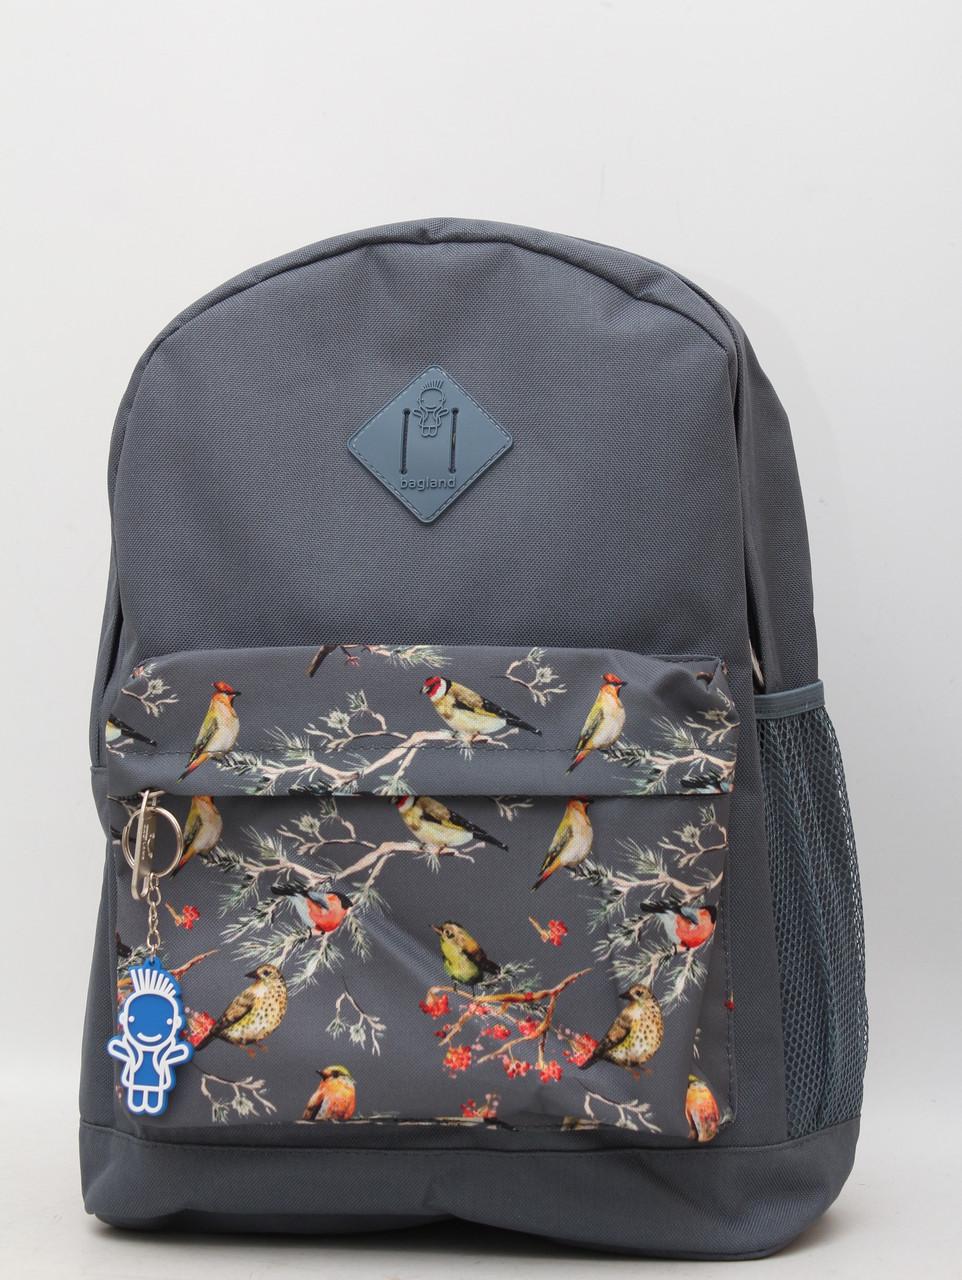 f620f4b857b7 Жіночий спортивний рюкзак Bagland / Женский спортивный городской рюкзак  Bagland